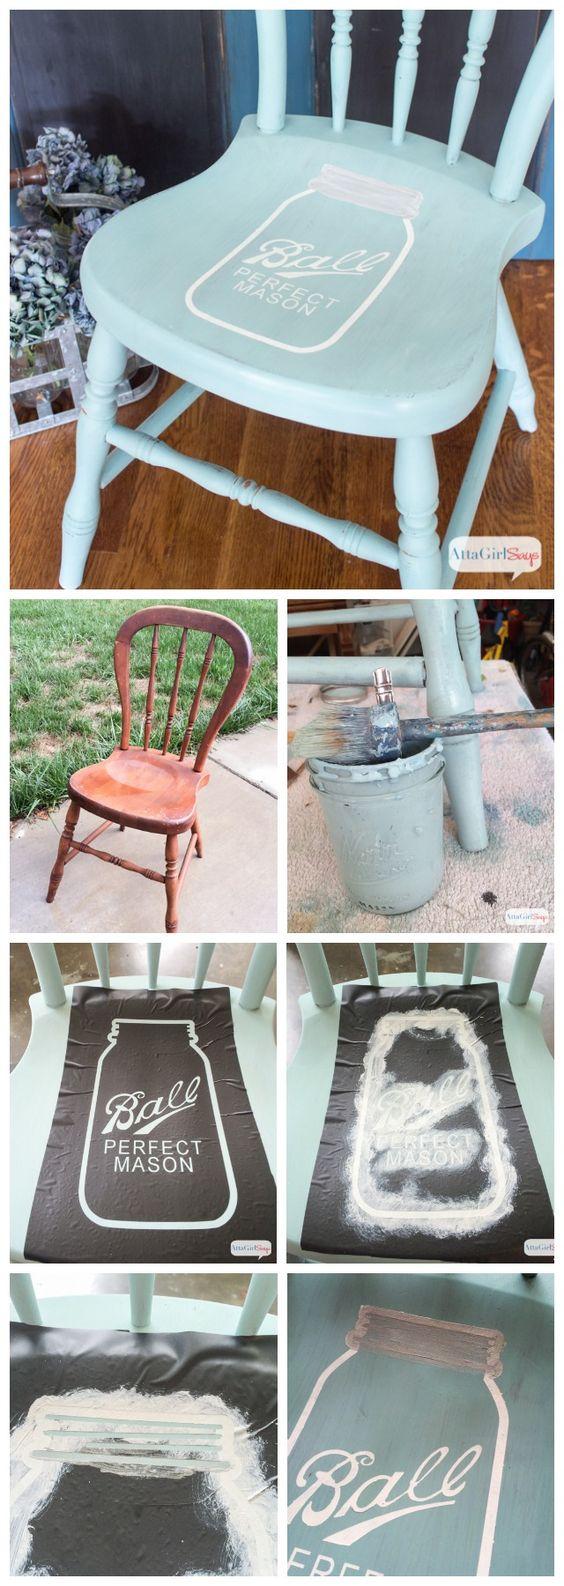 如果你喜欢梅森罐子和彩绘家具,你会喜欢这个教程,如何使用牛奶涂料和定制模板来绘制自己的梅森罐子椅子。